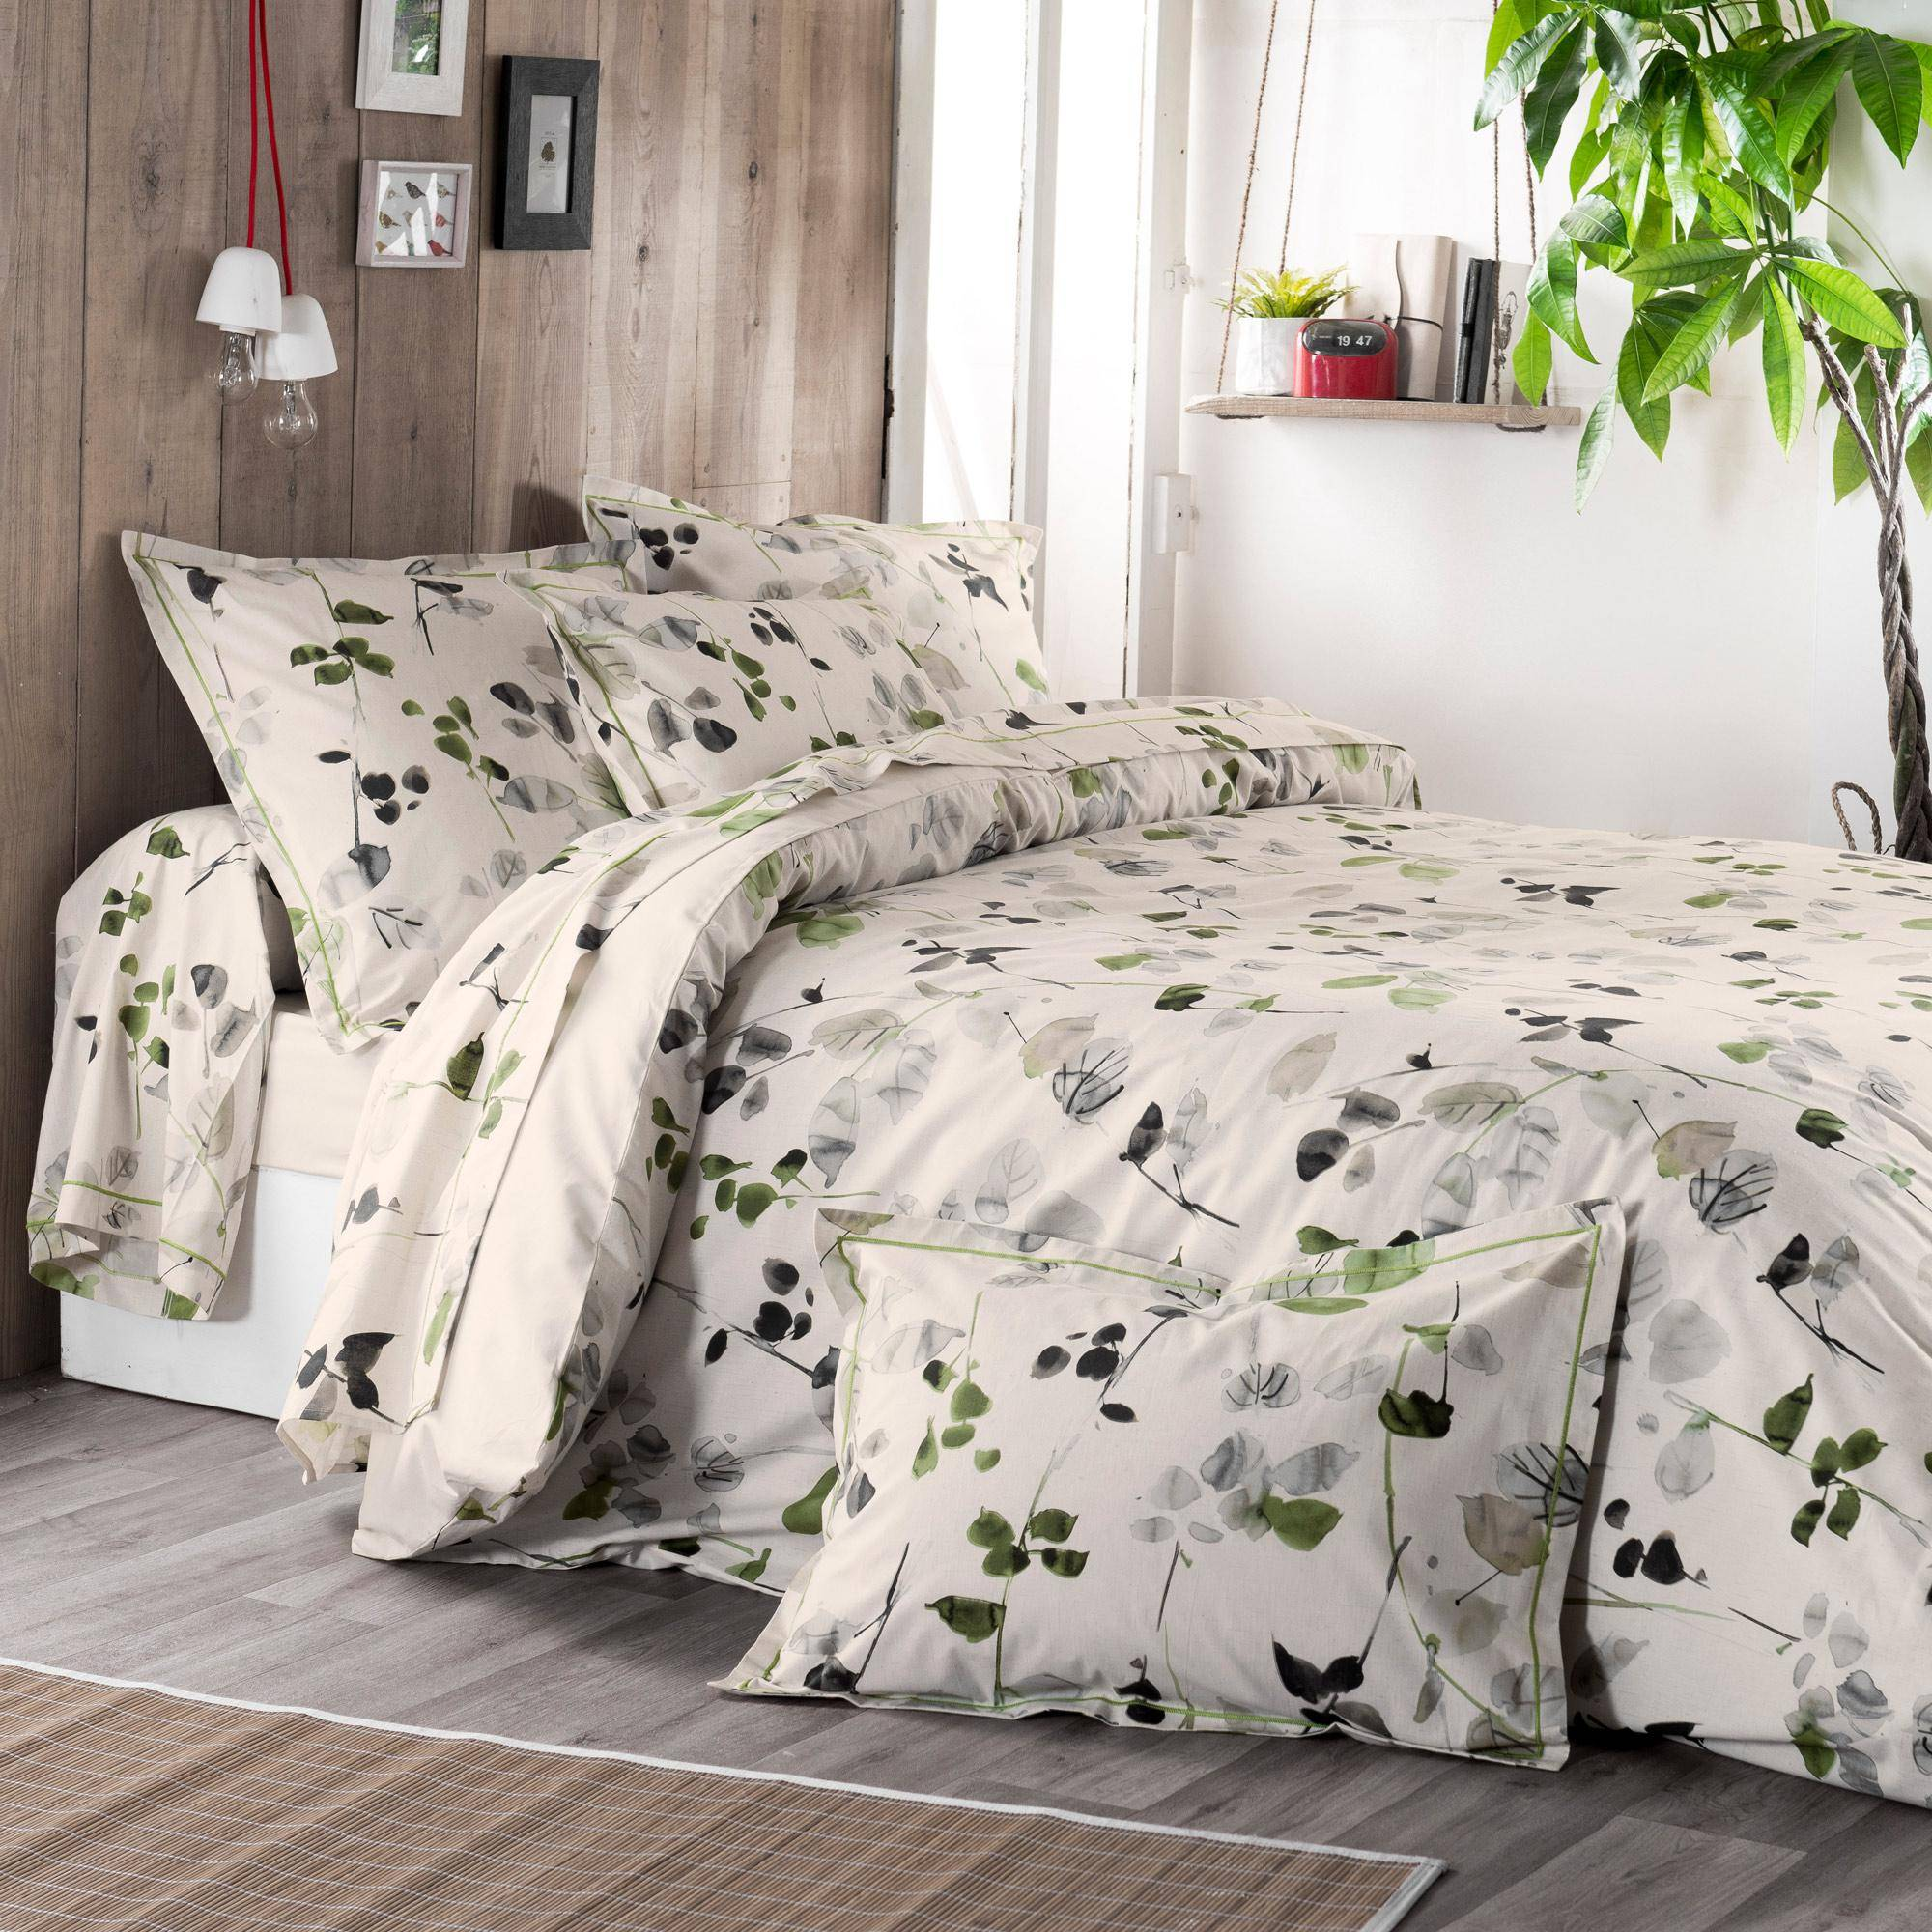 Linnea Housse de couette 140x200 cm 100% coton FEUILLAGES vert Anis